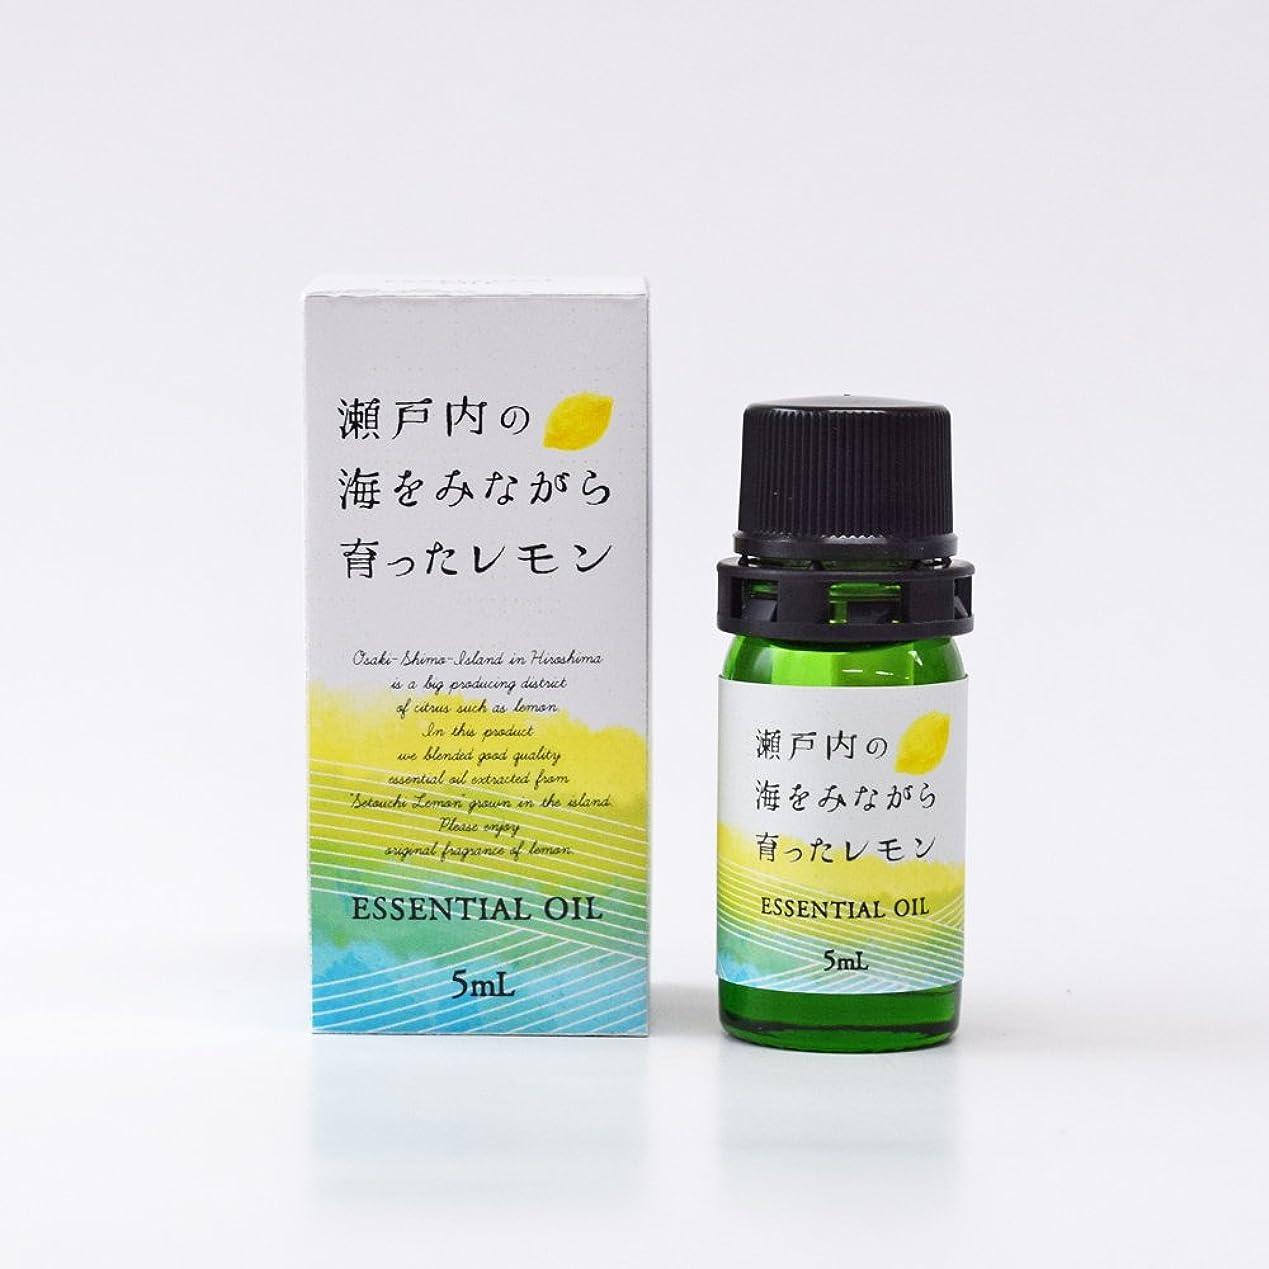 エコー市民権上記の頭と肩レモン エッセンシャルオイル